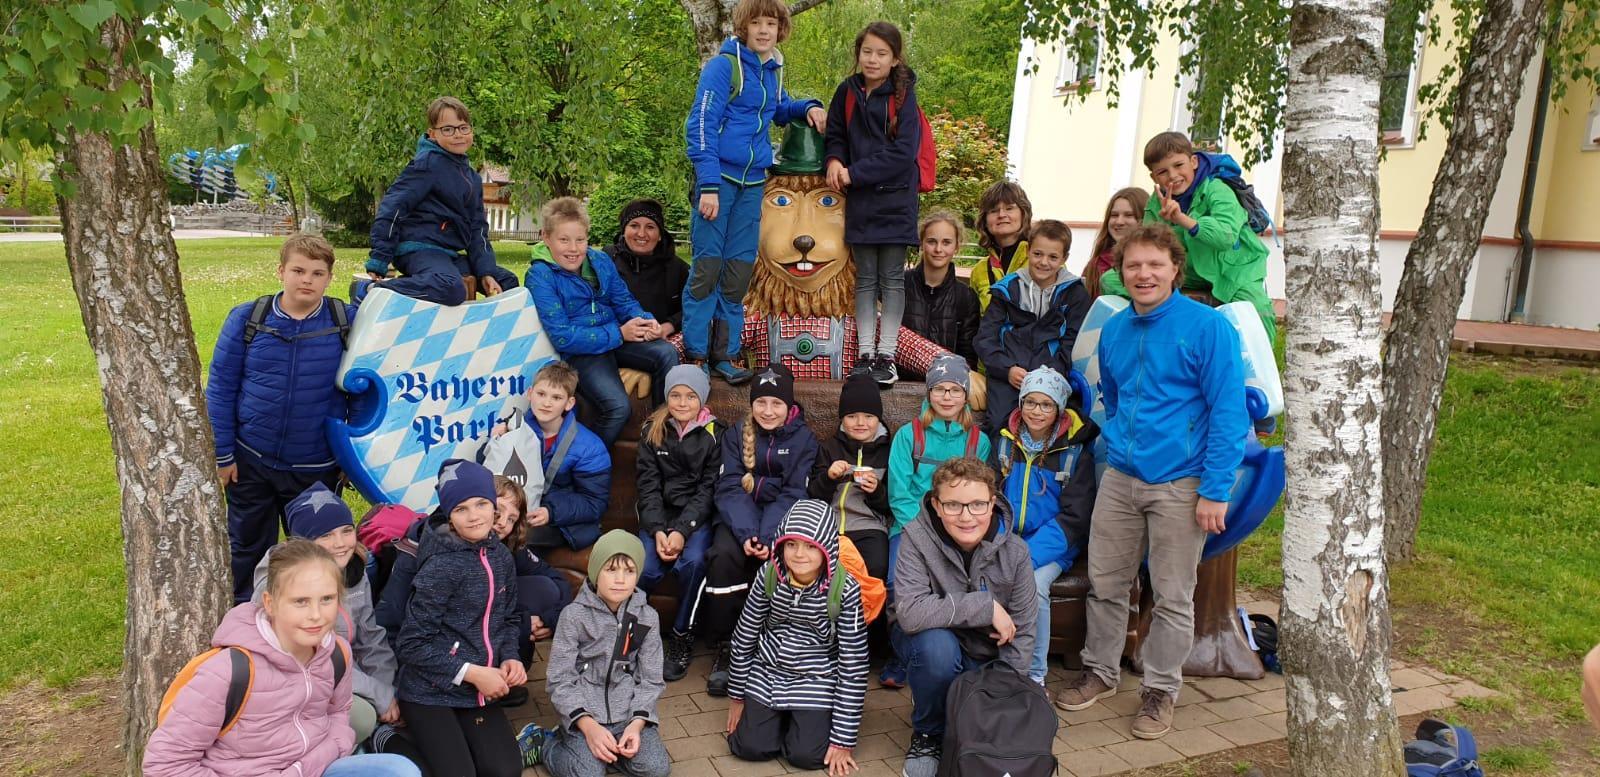 Pv_Sternsinger-Ausflug-bayerbach